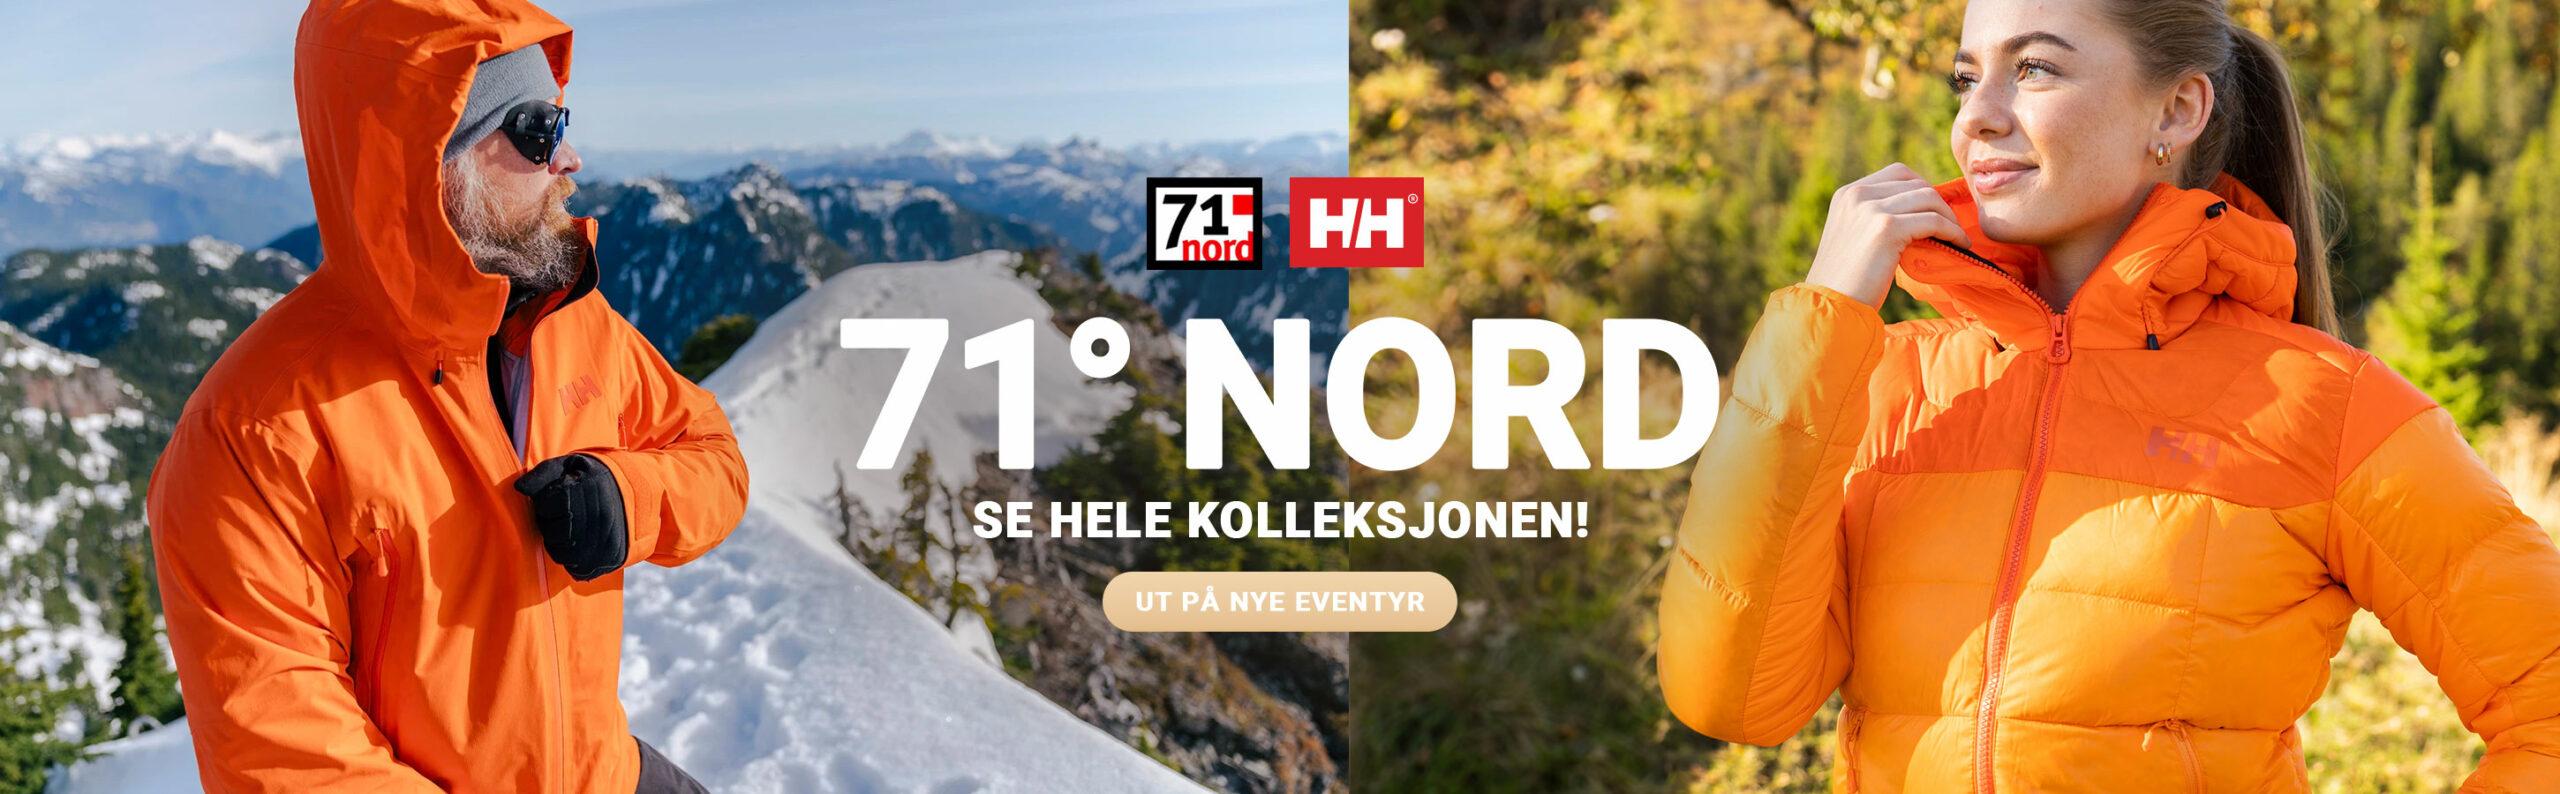 3tshop-hellyhansen-71gradernord tvnorge dame herre tur turklær nordisk klima